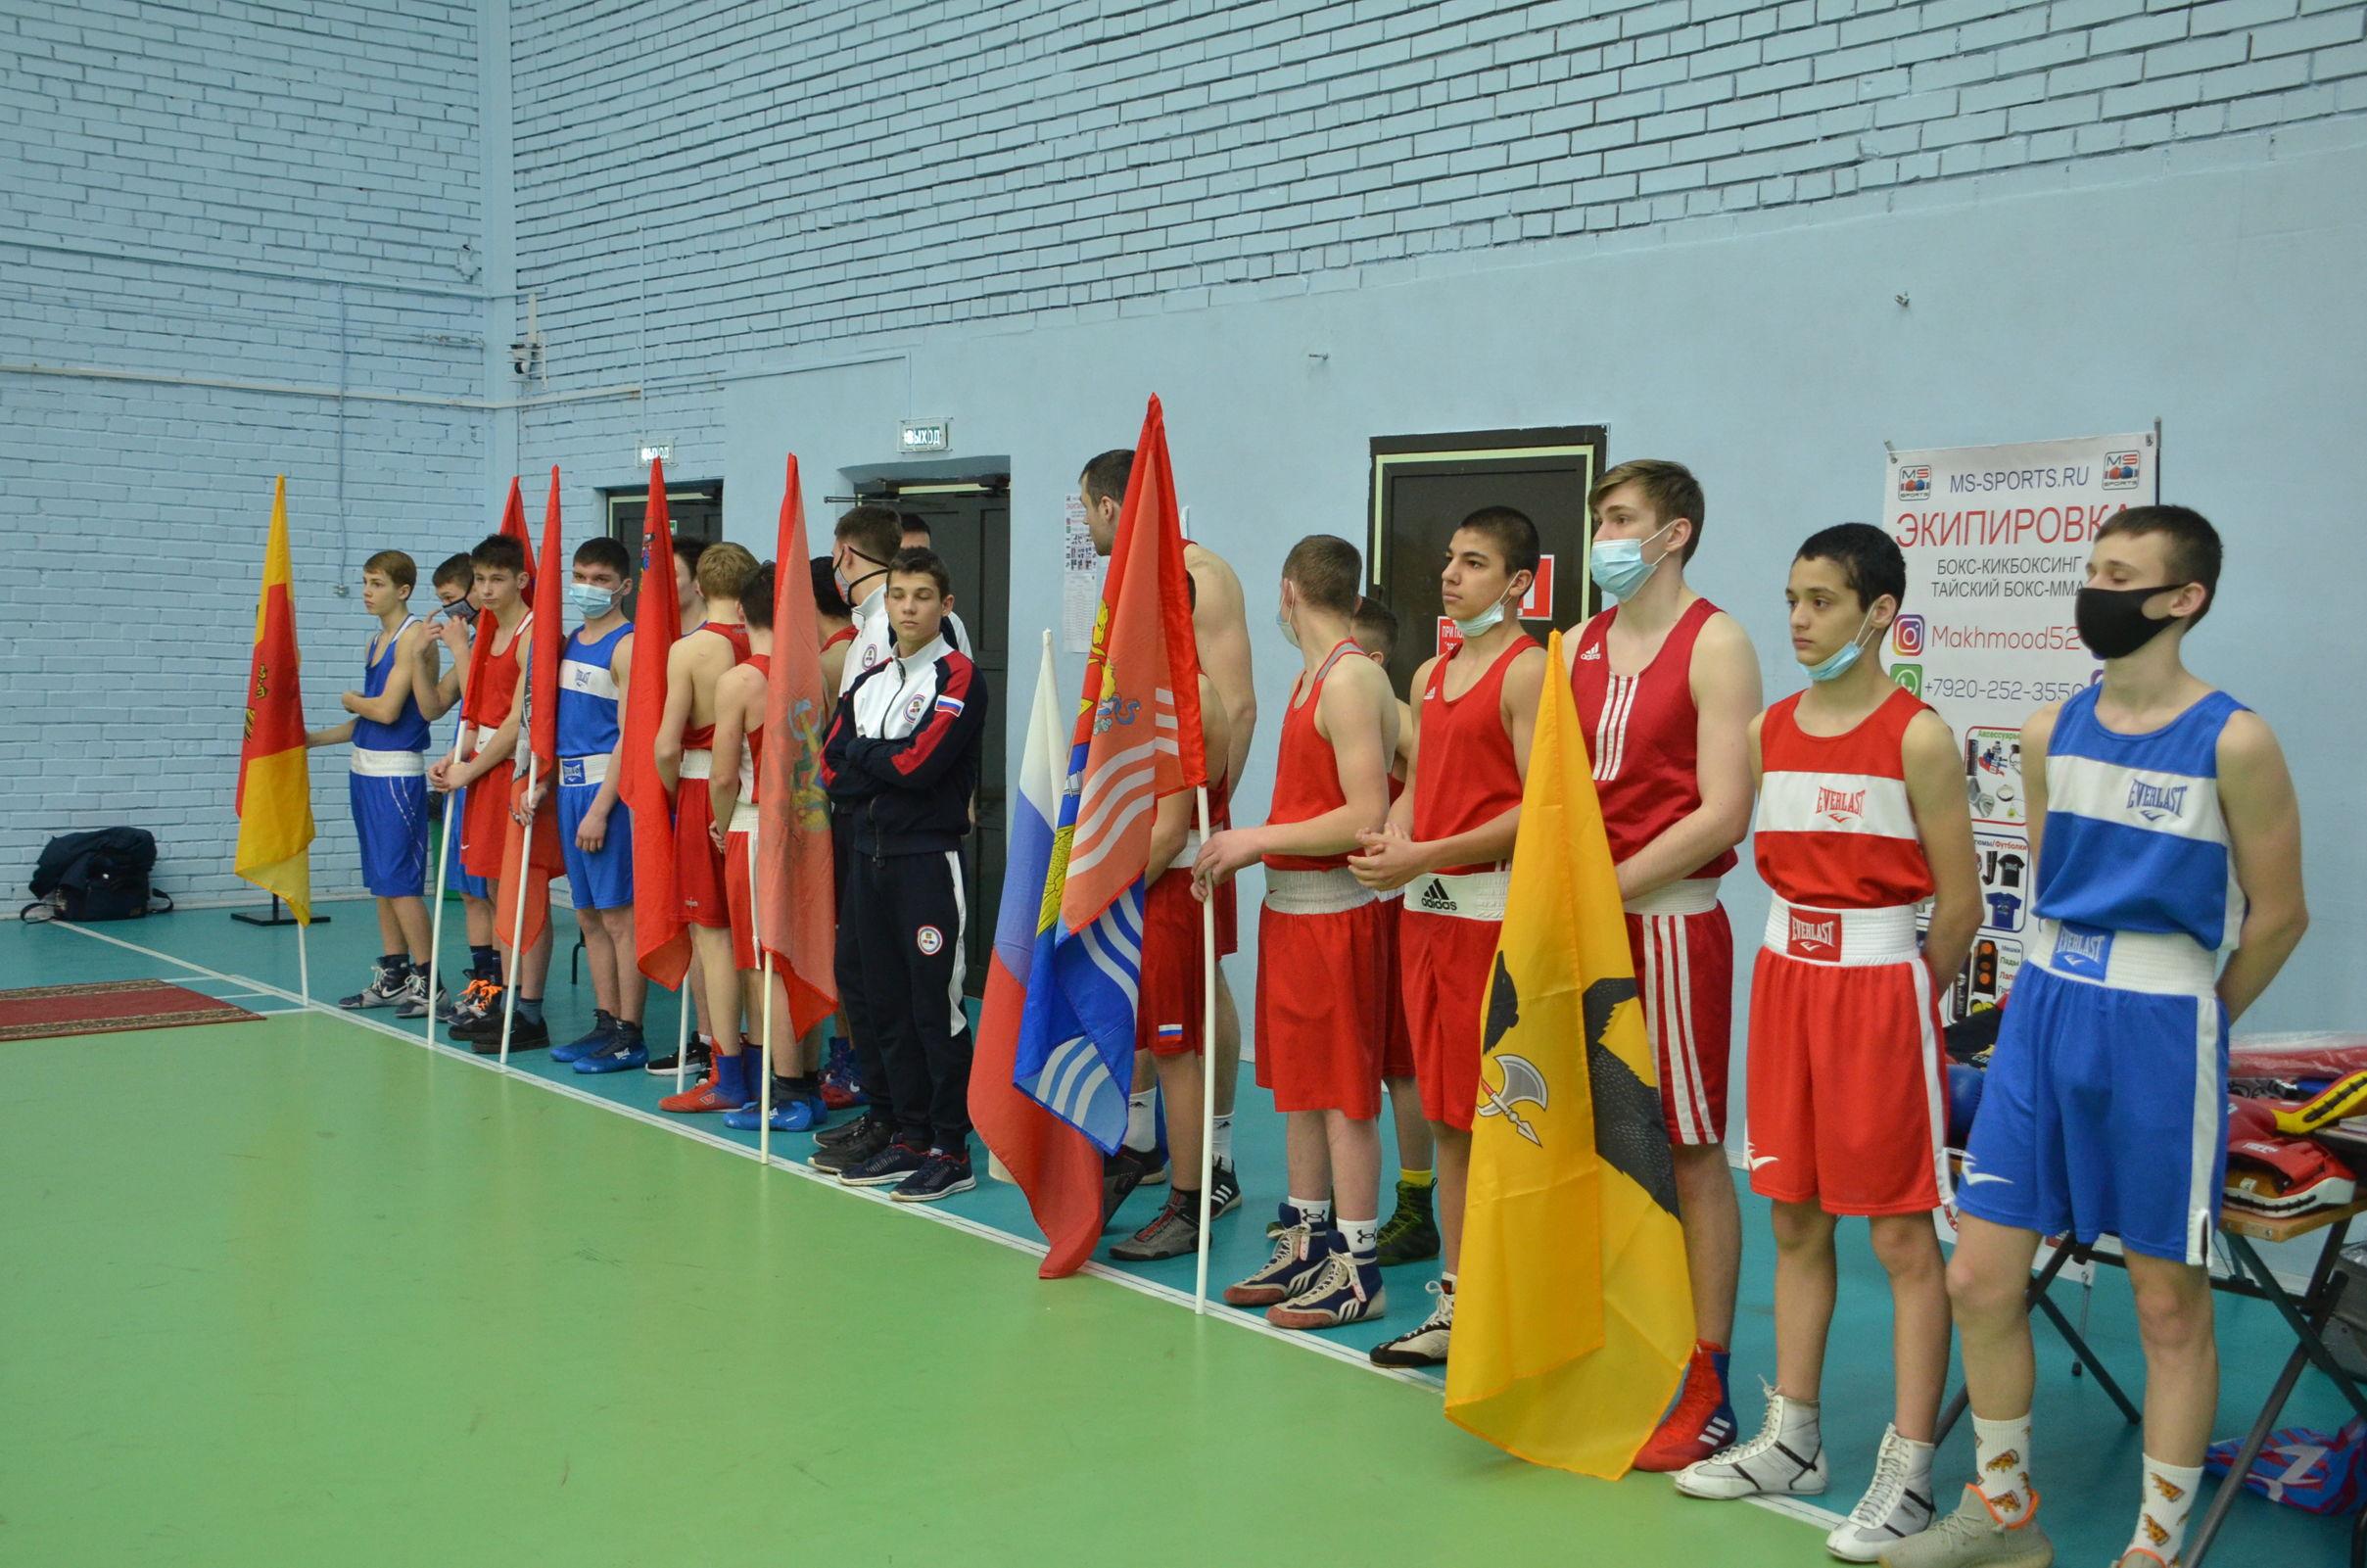 Более 30 медалей различного достоинства завоевали боксеры области на турнире памяти Юрия Сироткина